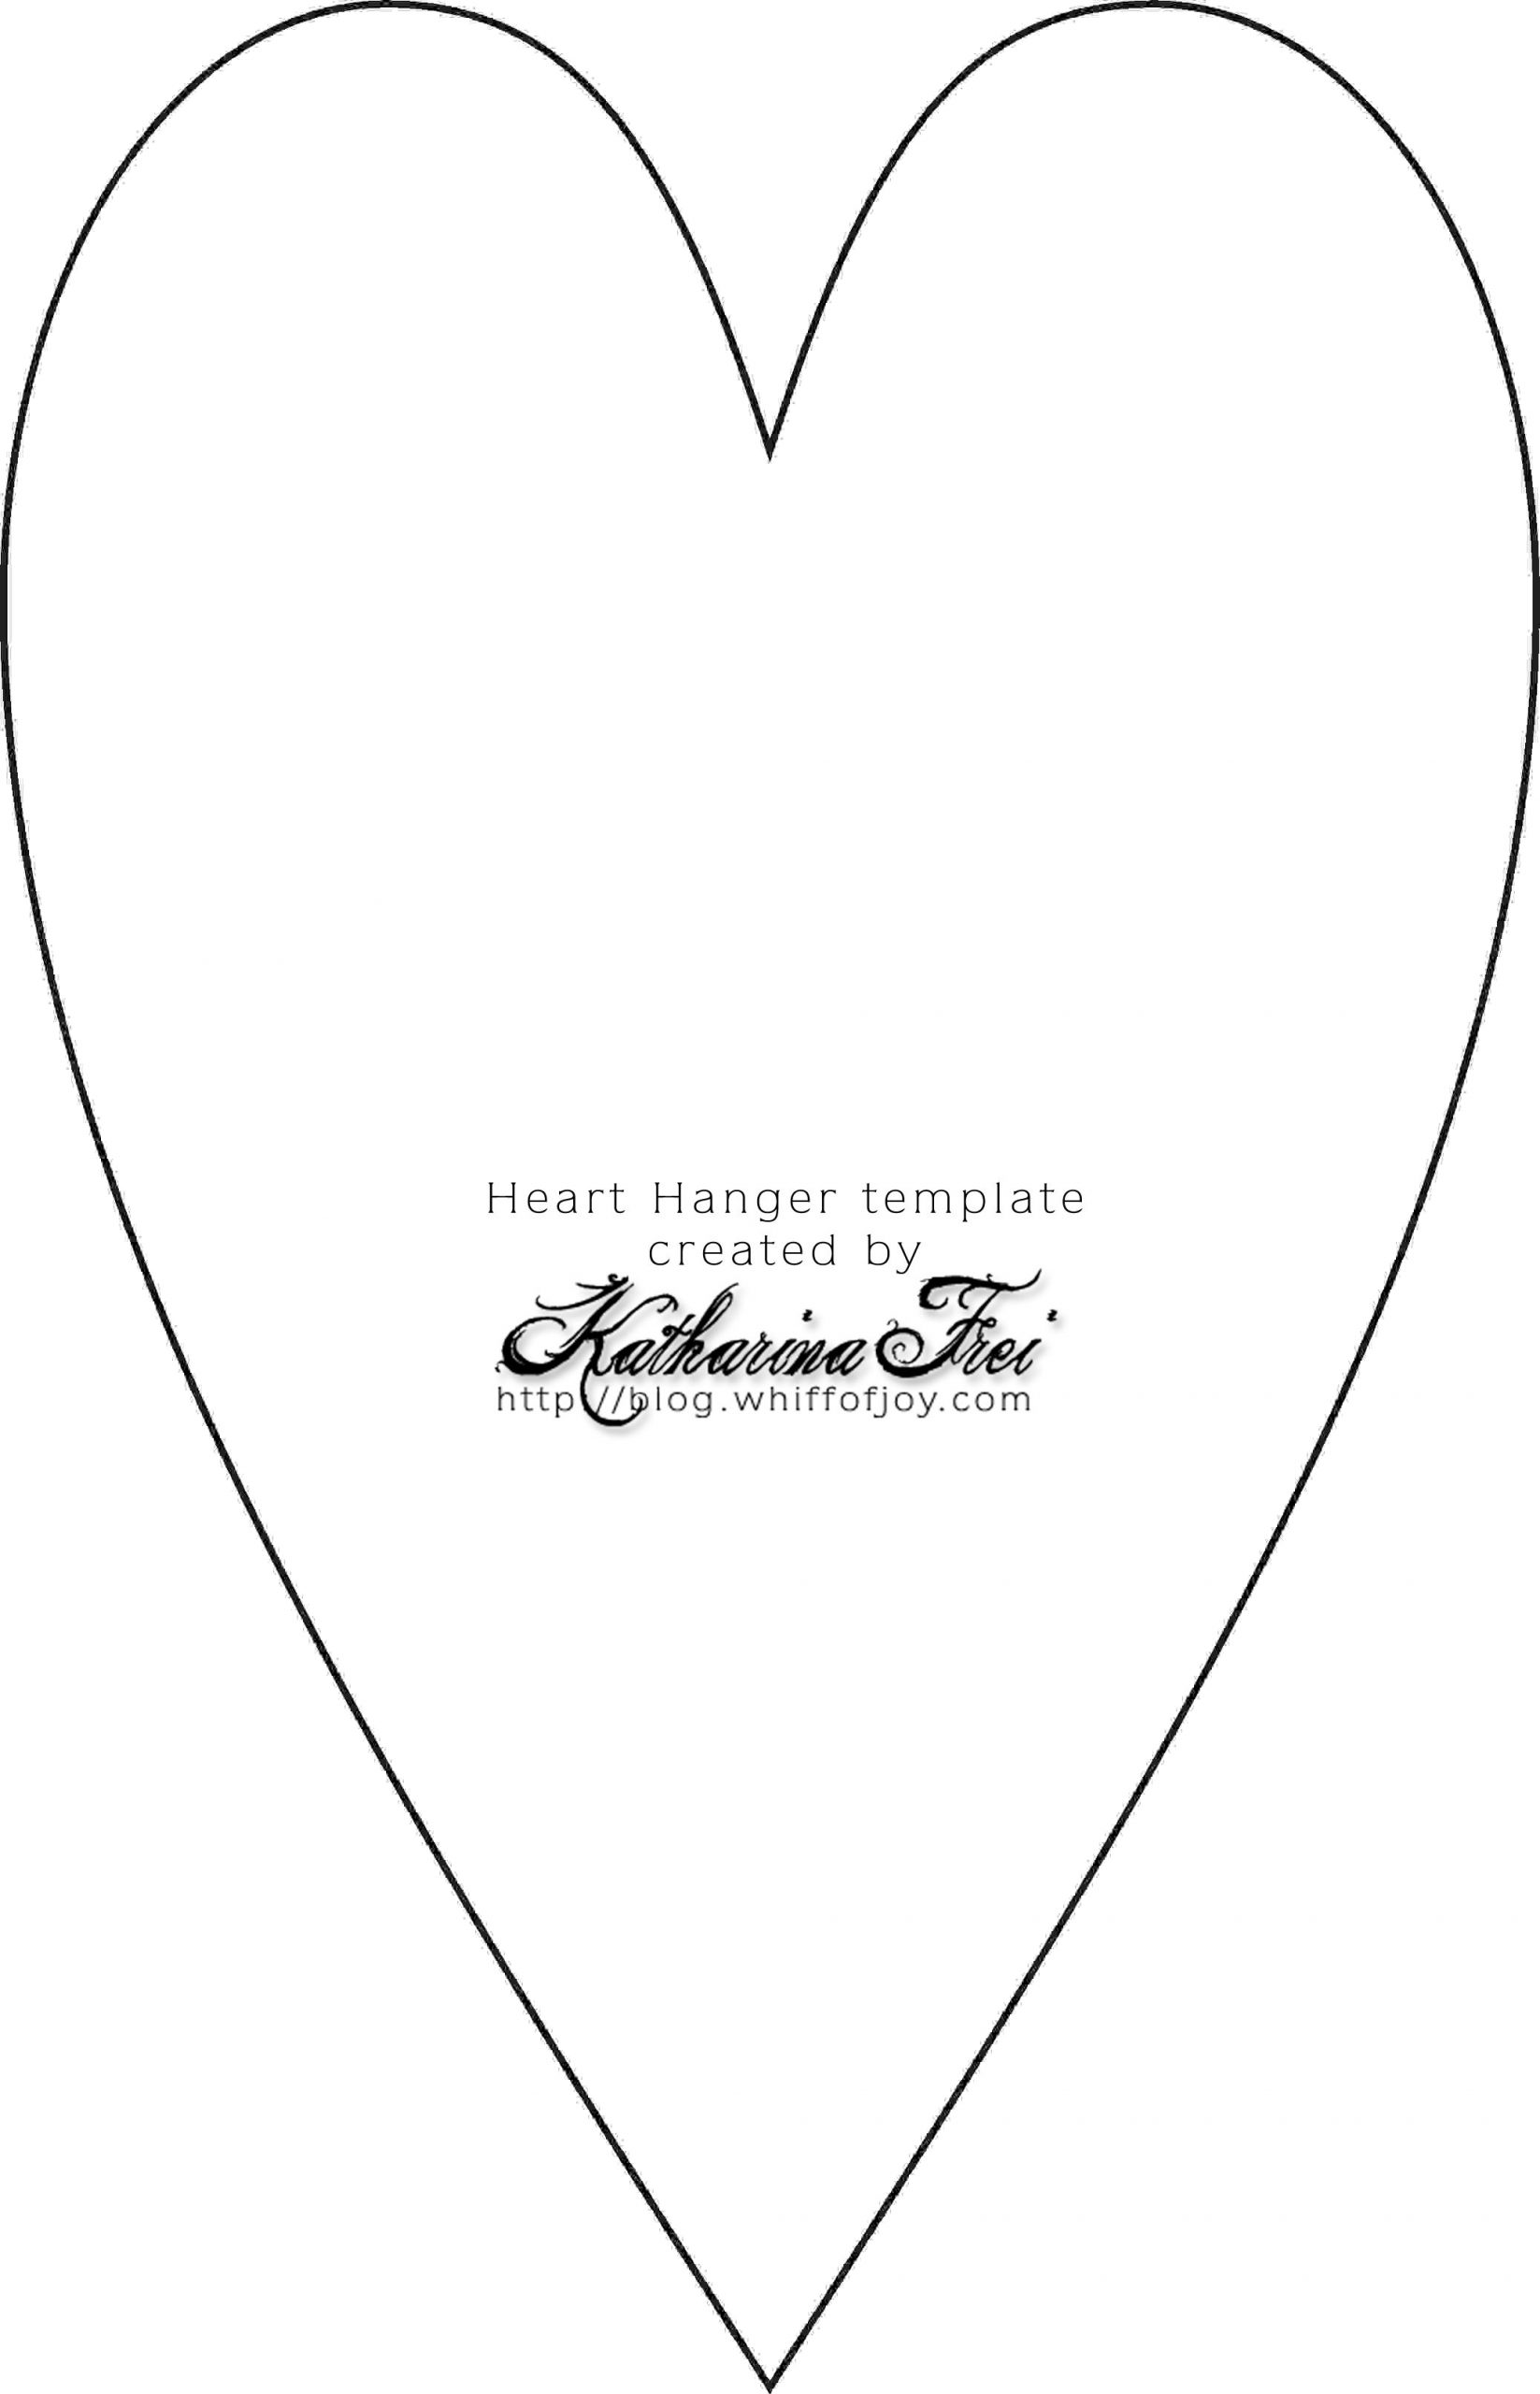 Stamping & More Video–Decorative Heart Hanger Plus Free über Herz Vorlagen Zum Ausdrucken